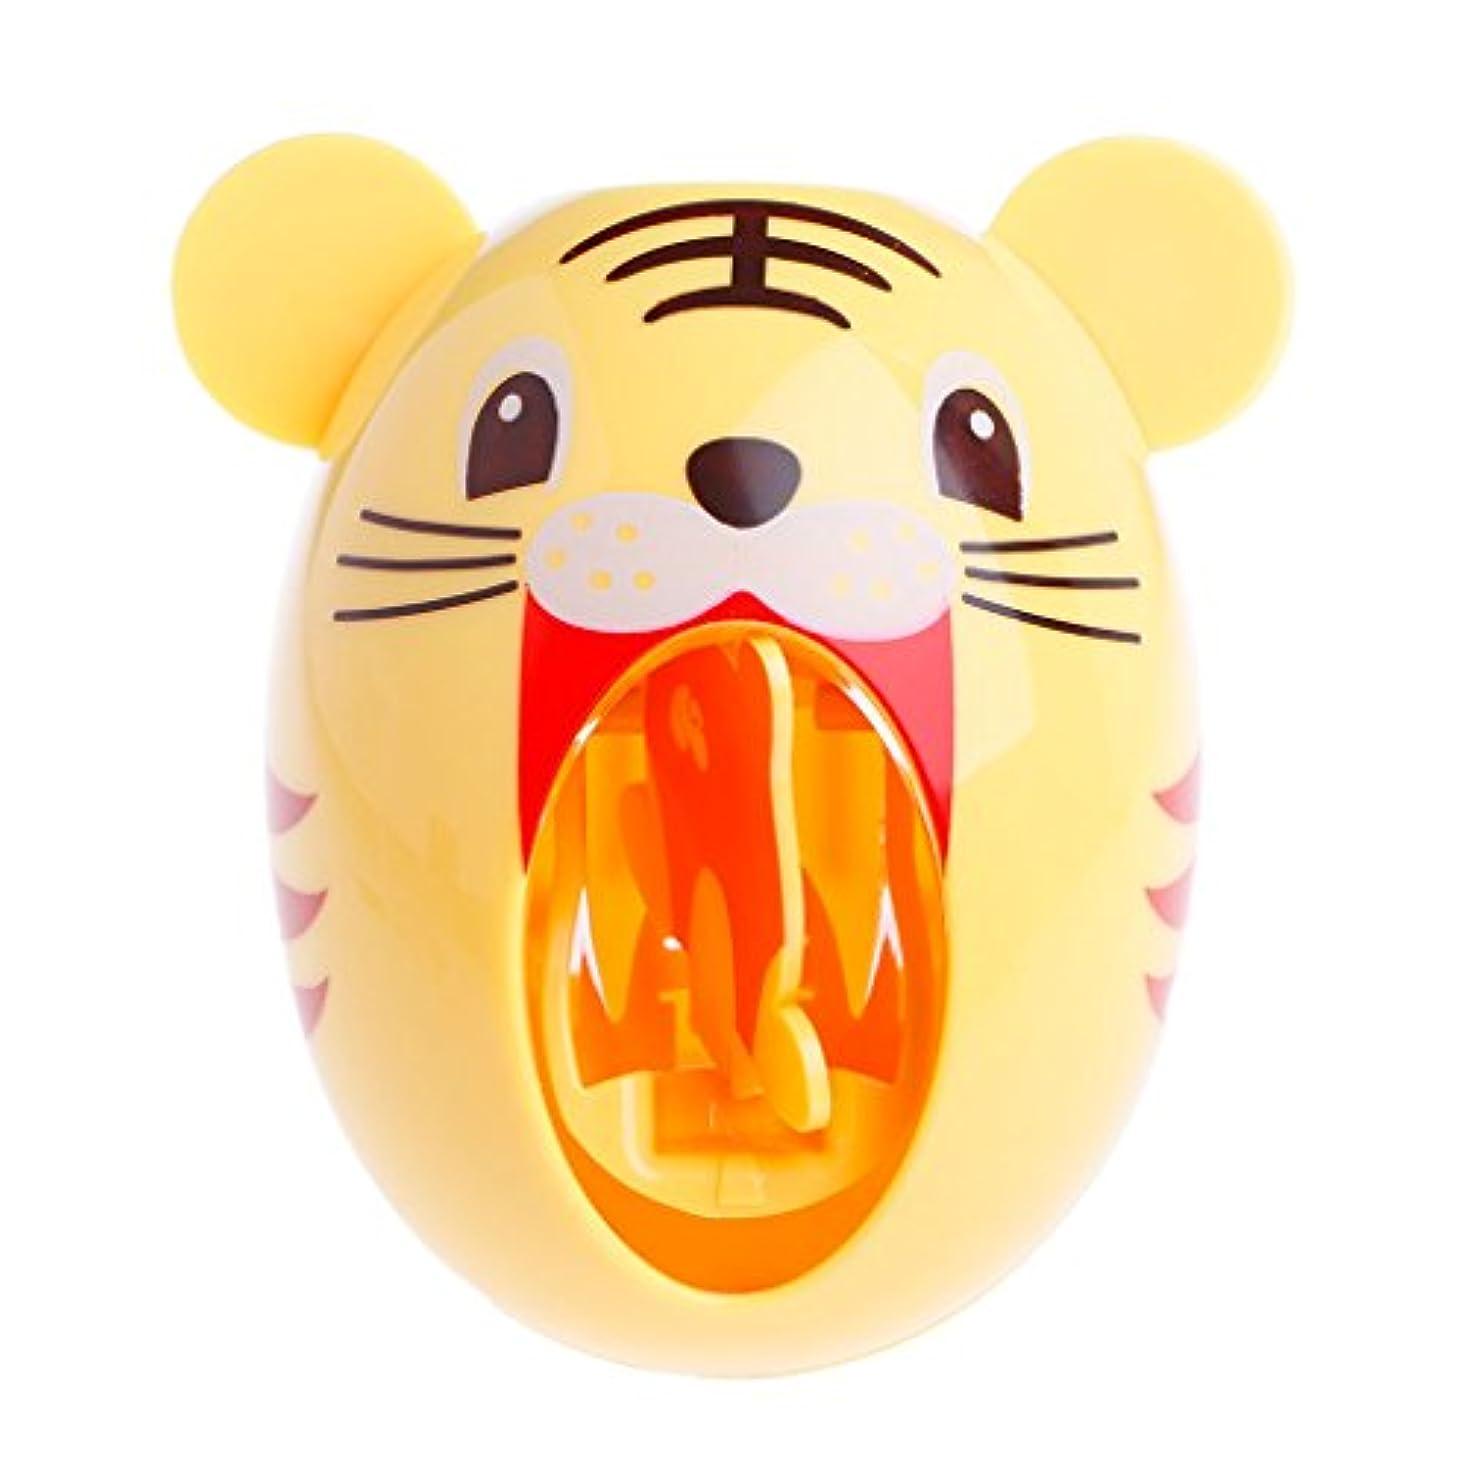 過度にページェント札入れLamdooキッズかわいい漫画の動物デザイン歯ブラシホルダー自動歯磨き粉ディスペンス